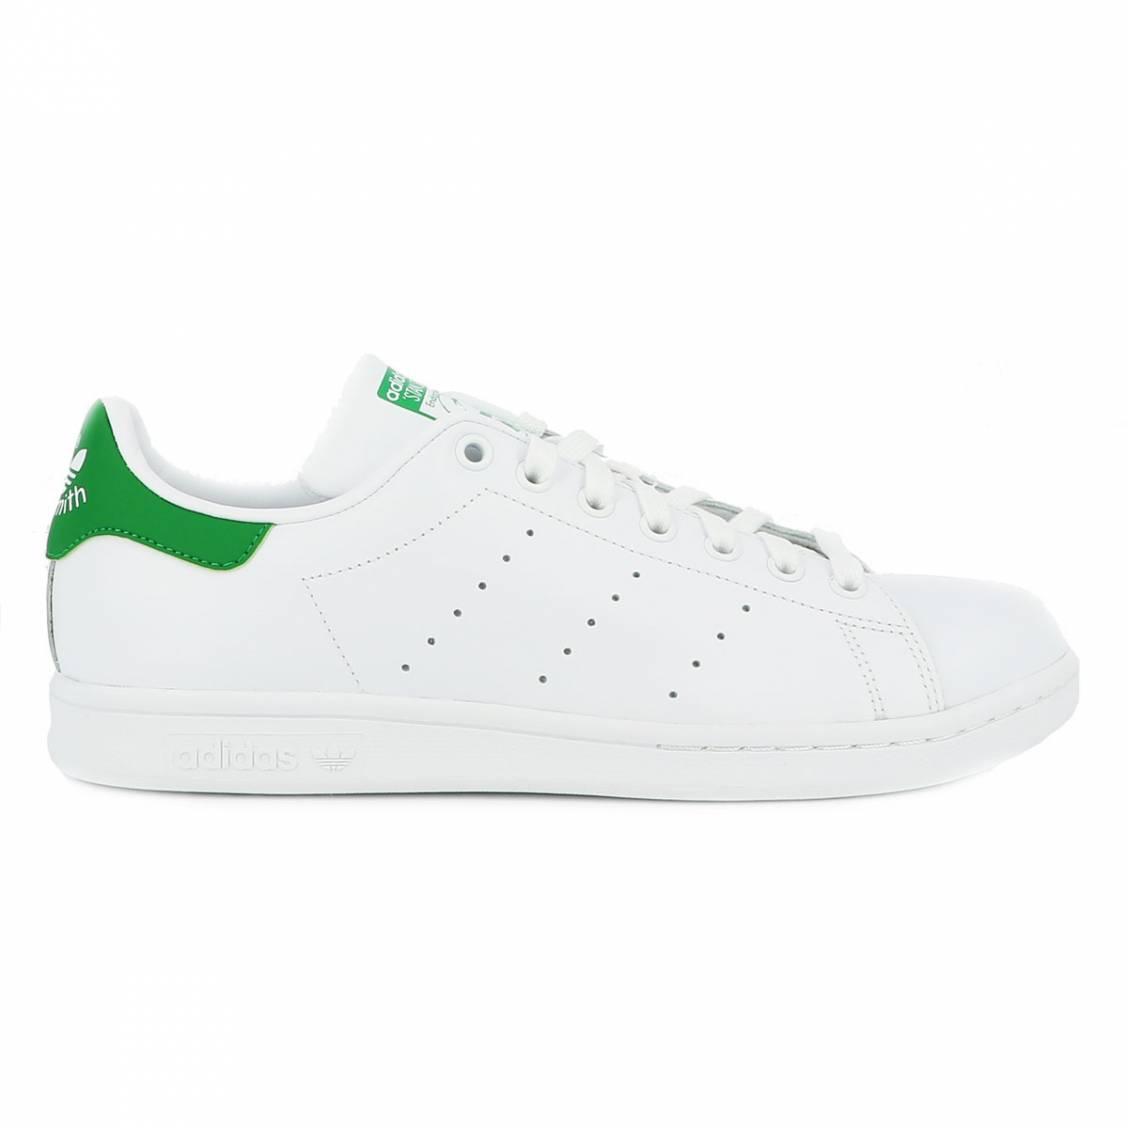 Baskets Adidas Stan Smith en cuir pleine fleur blanc à talon vert